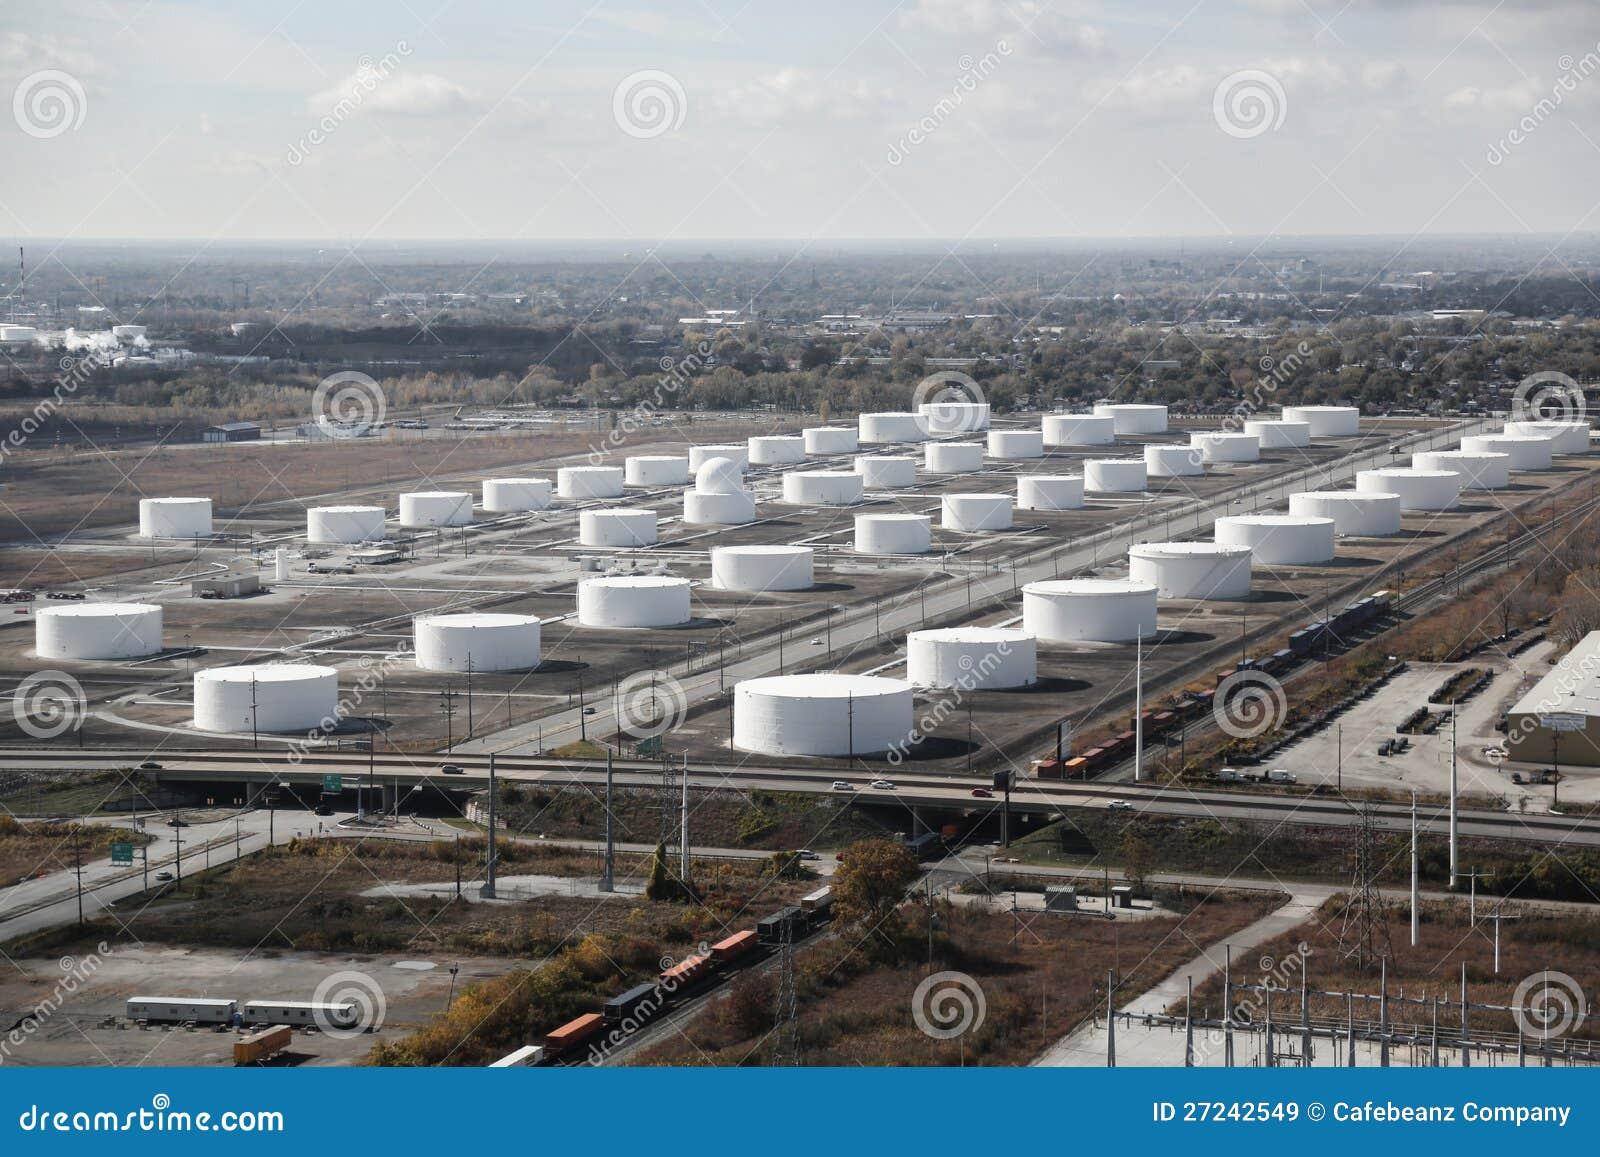 Oil tank refinery field